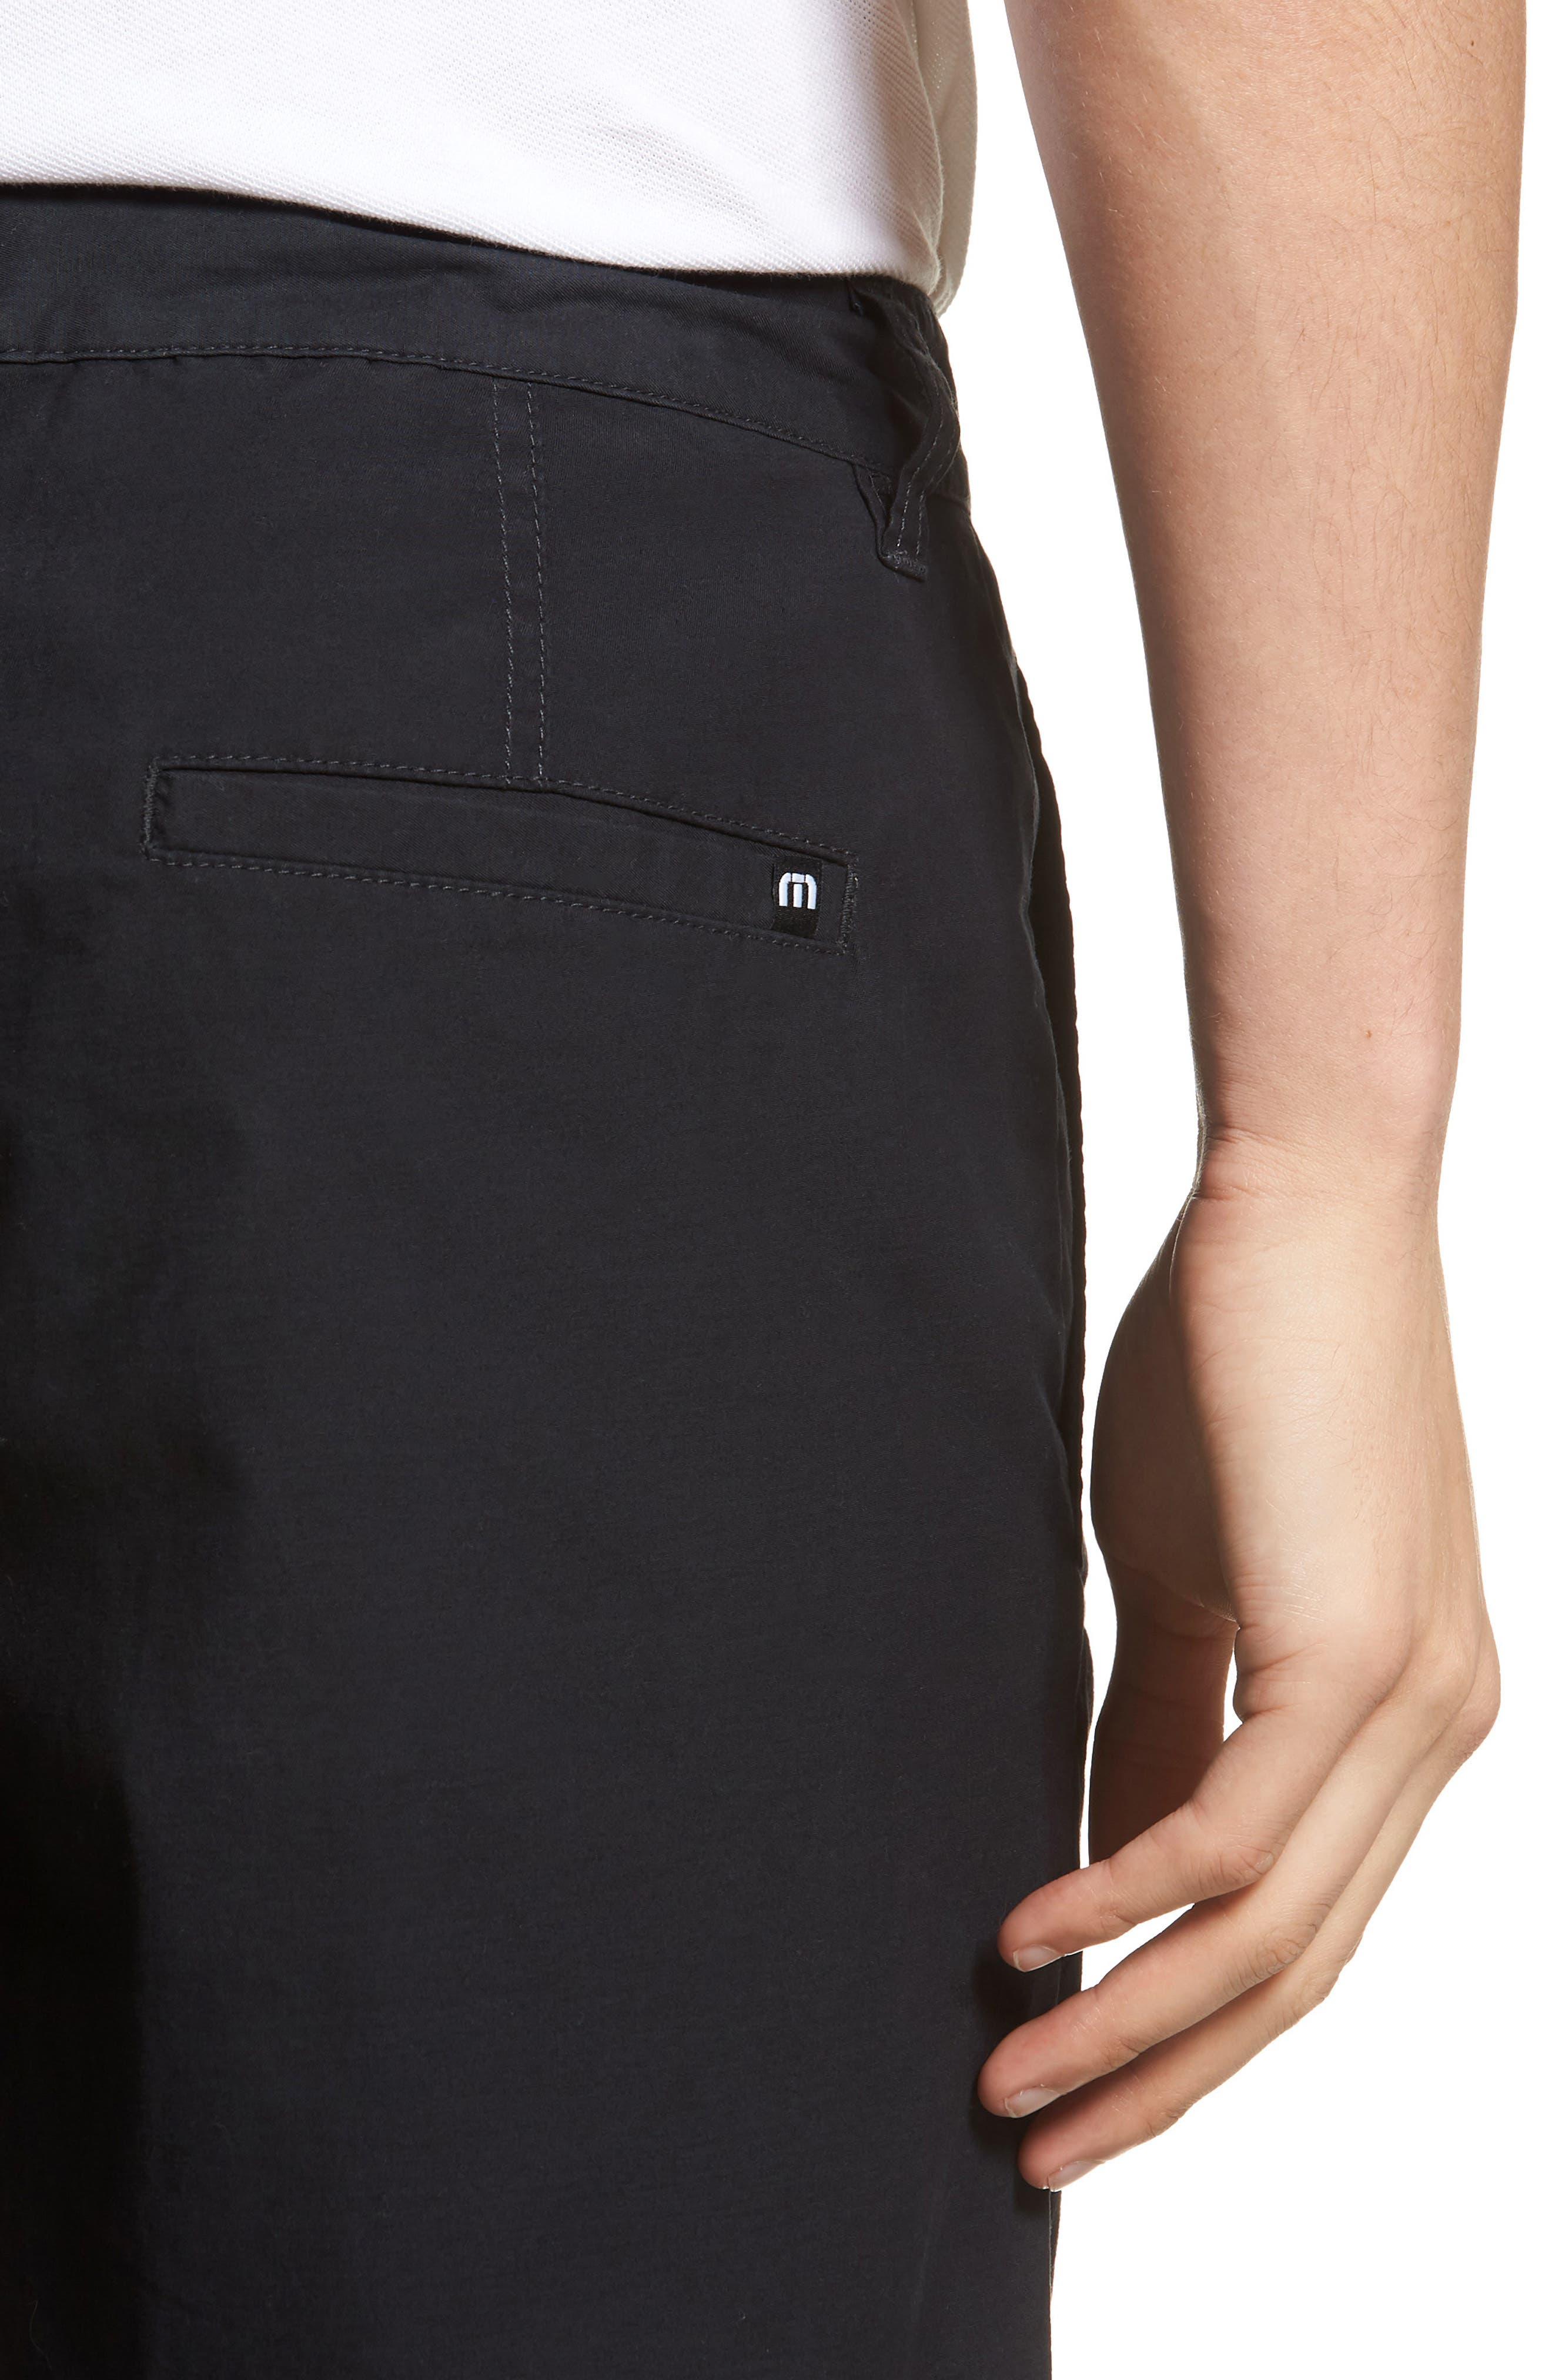 Huntington Shorts,                             Alternate thumbnail 4, color,                             BLACK